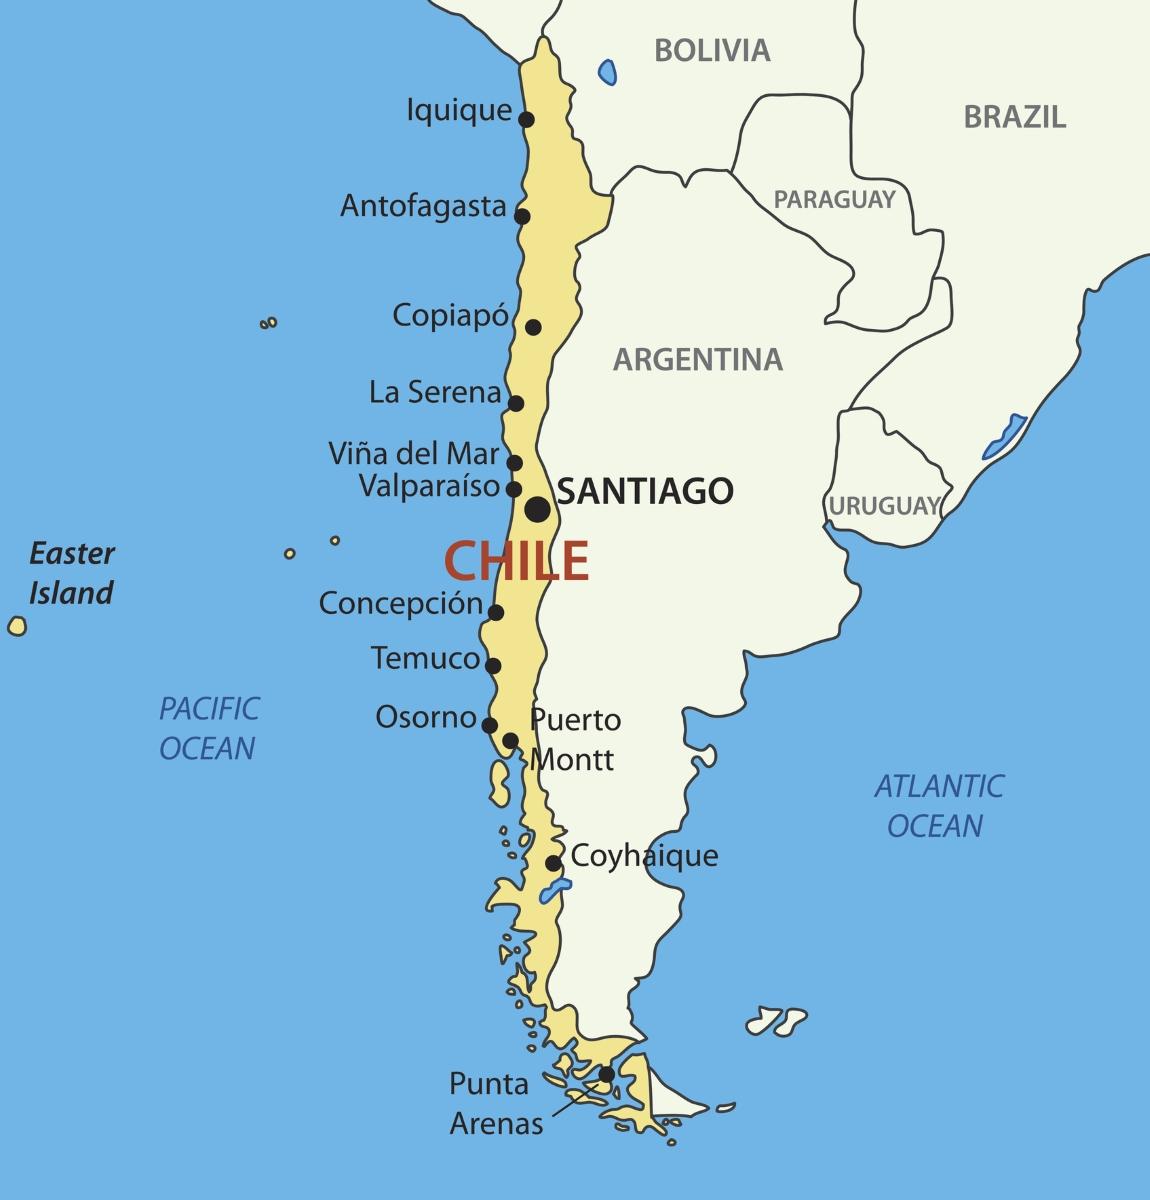 """""""Там, където земята свършва"""". Това е значението на Чили. Идва от думата за край на земята на местните от племето мапуче."""